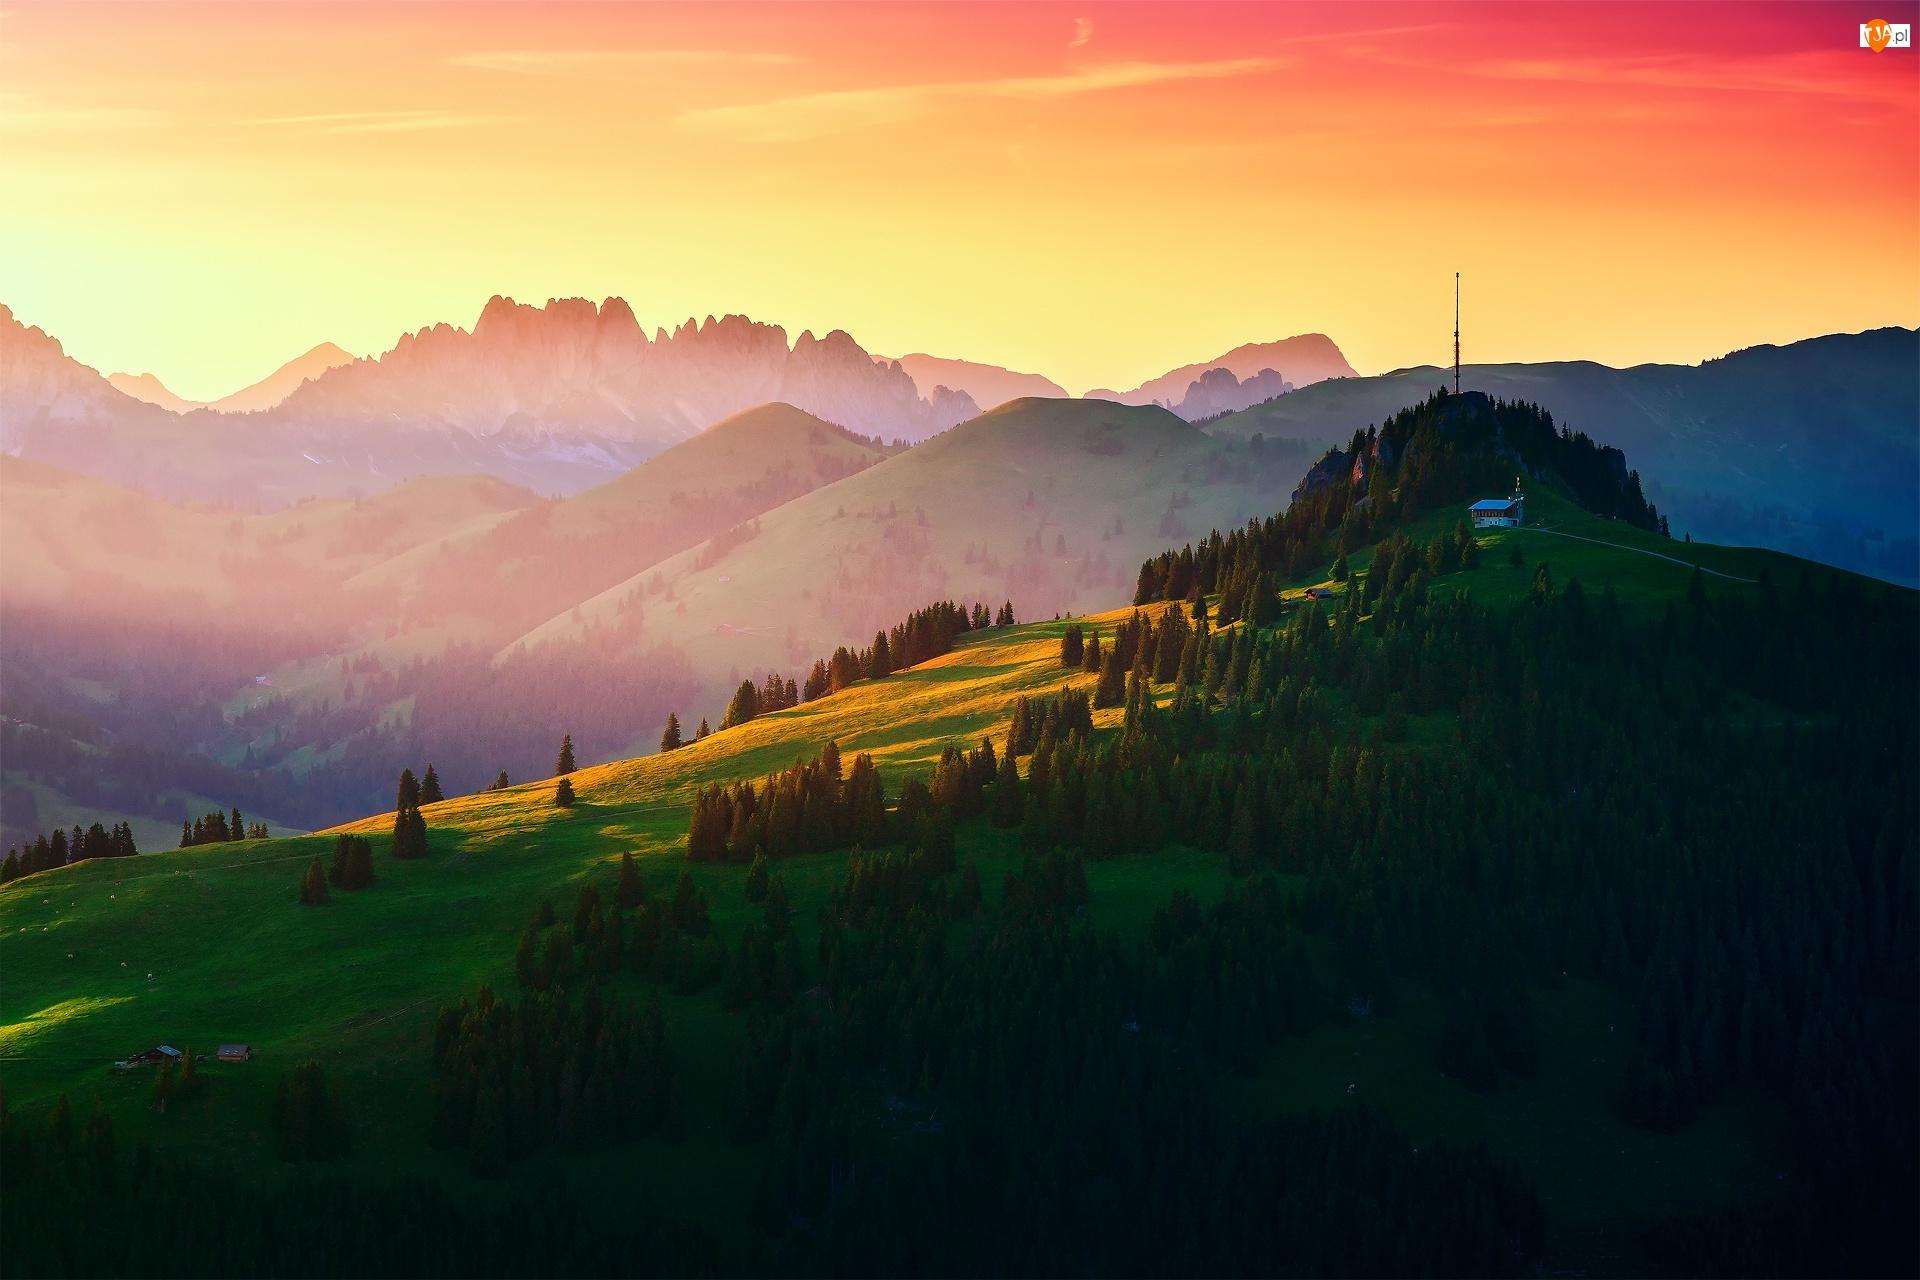 Lasy, Łąki, Szwajcaria, Góry, Gstaad, Wzgórze, Wieża radiowa